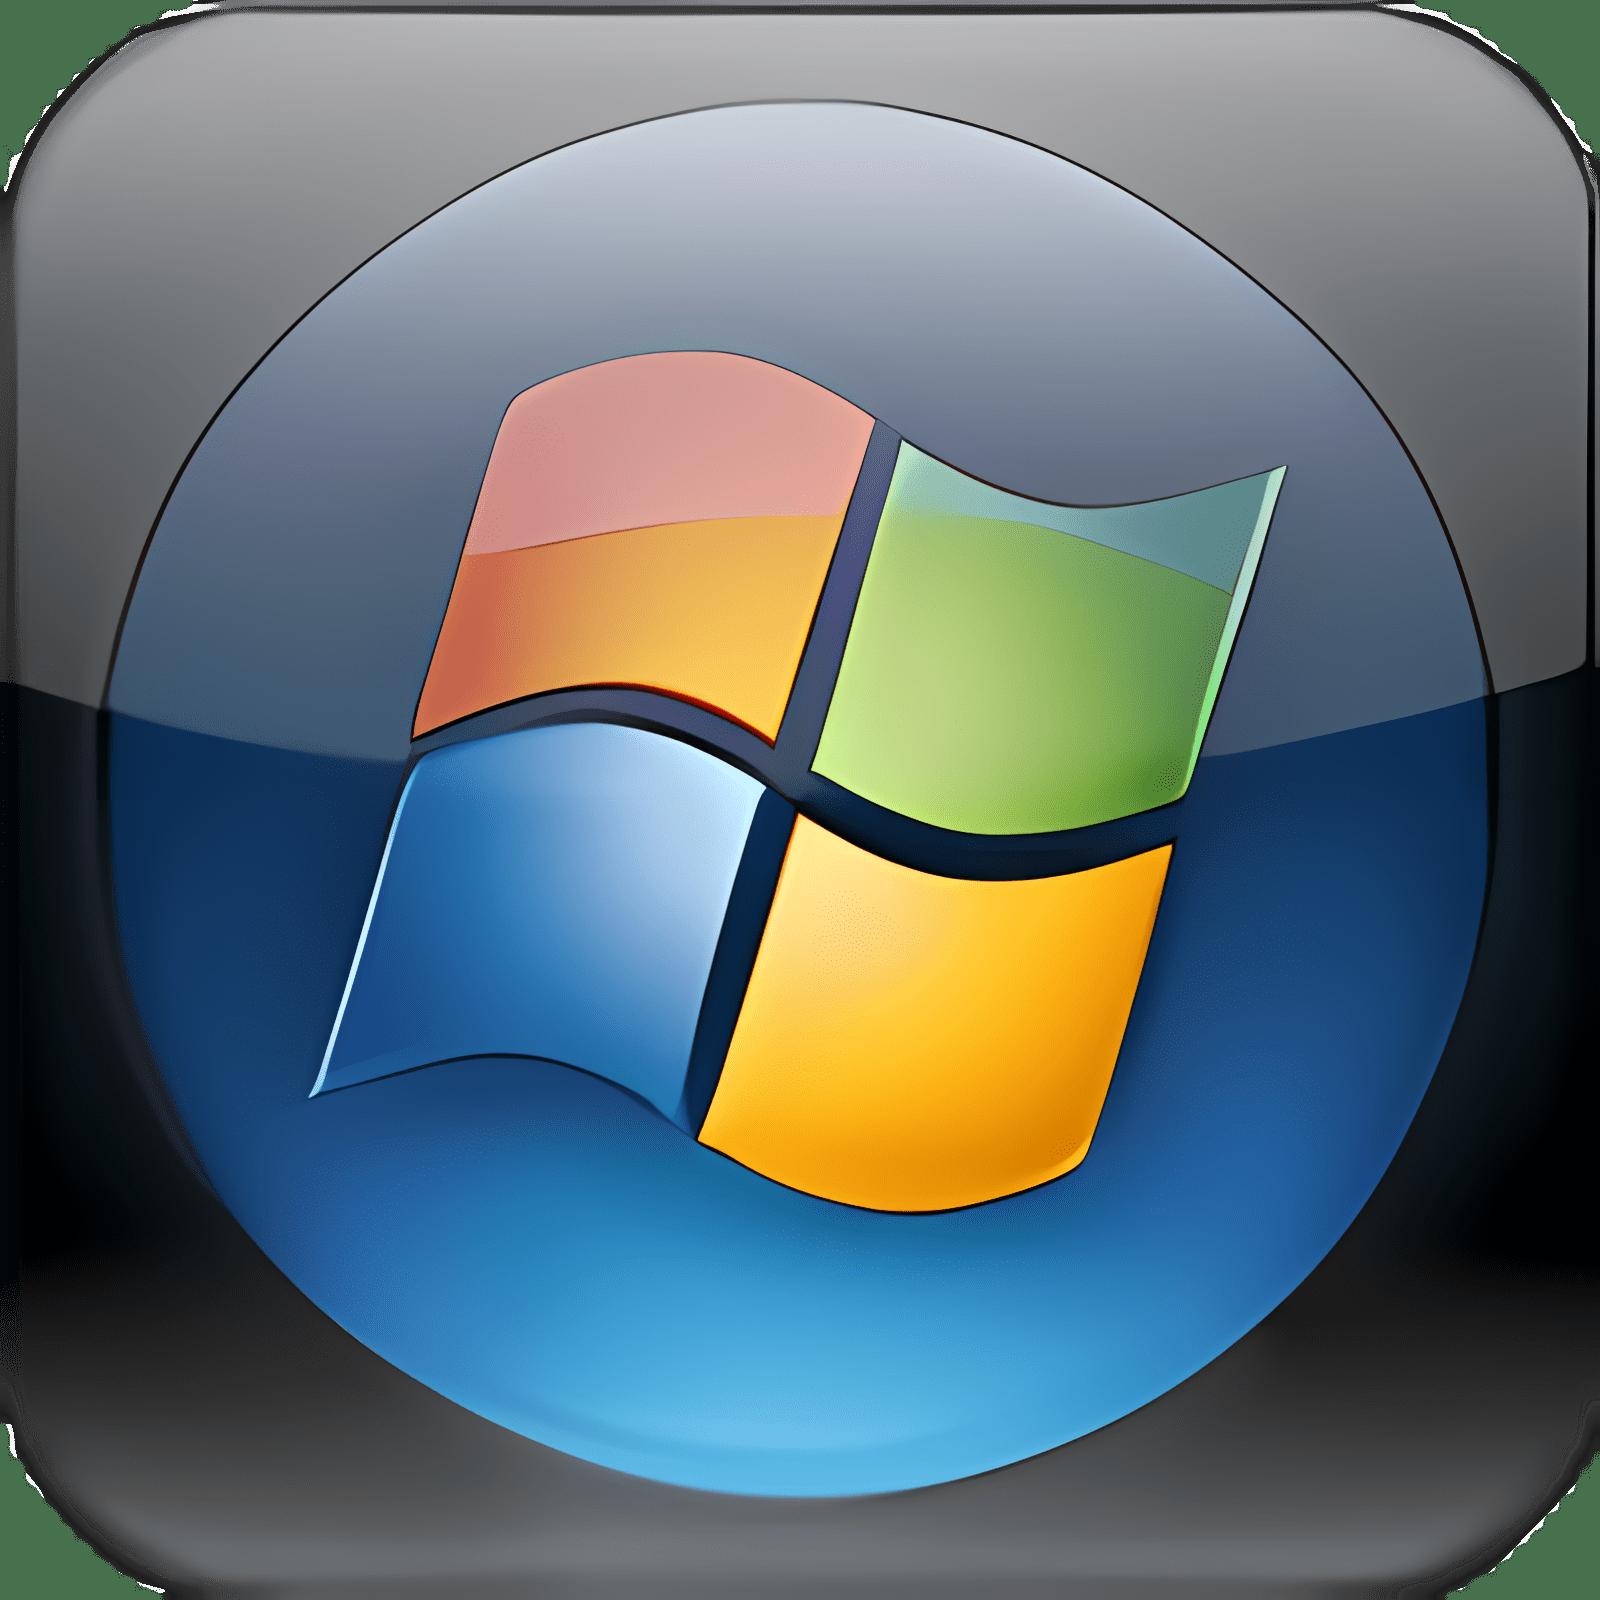 ViGlance 1.0.1288